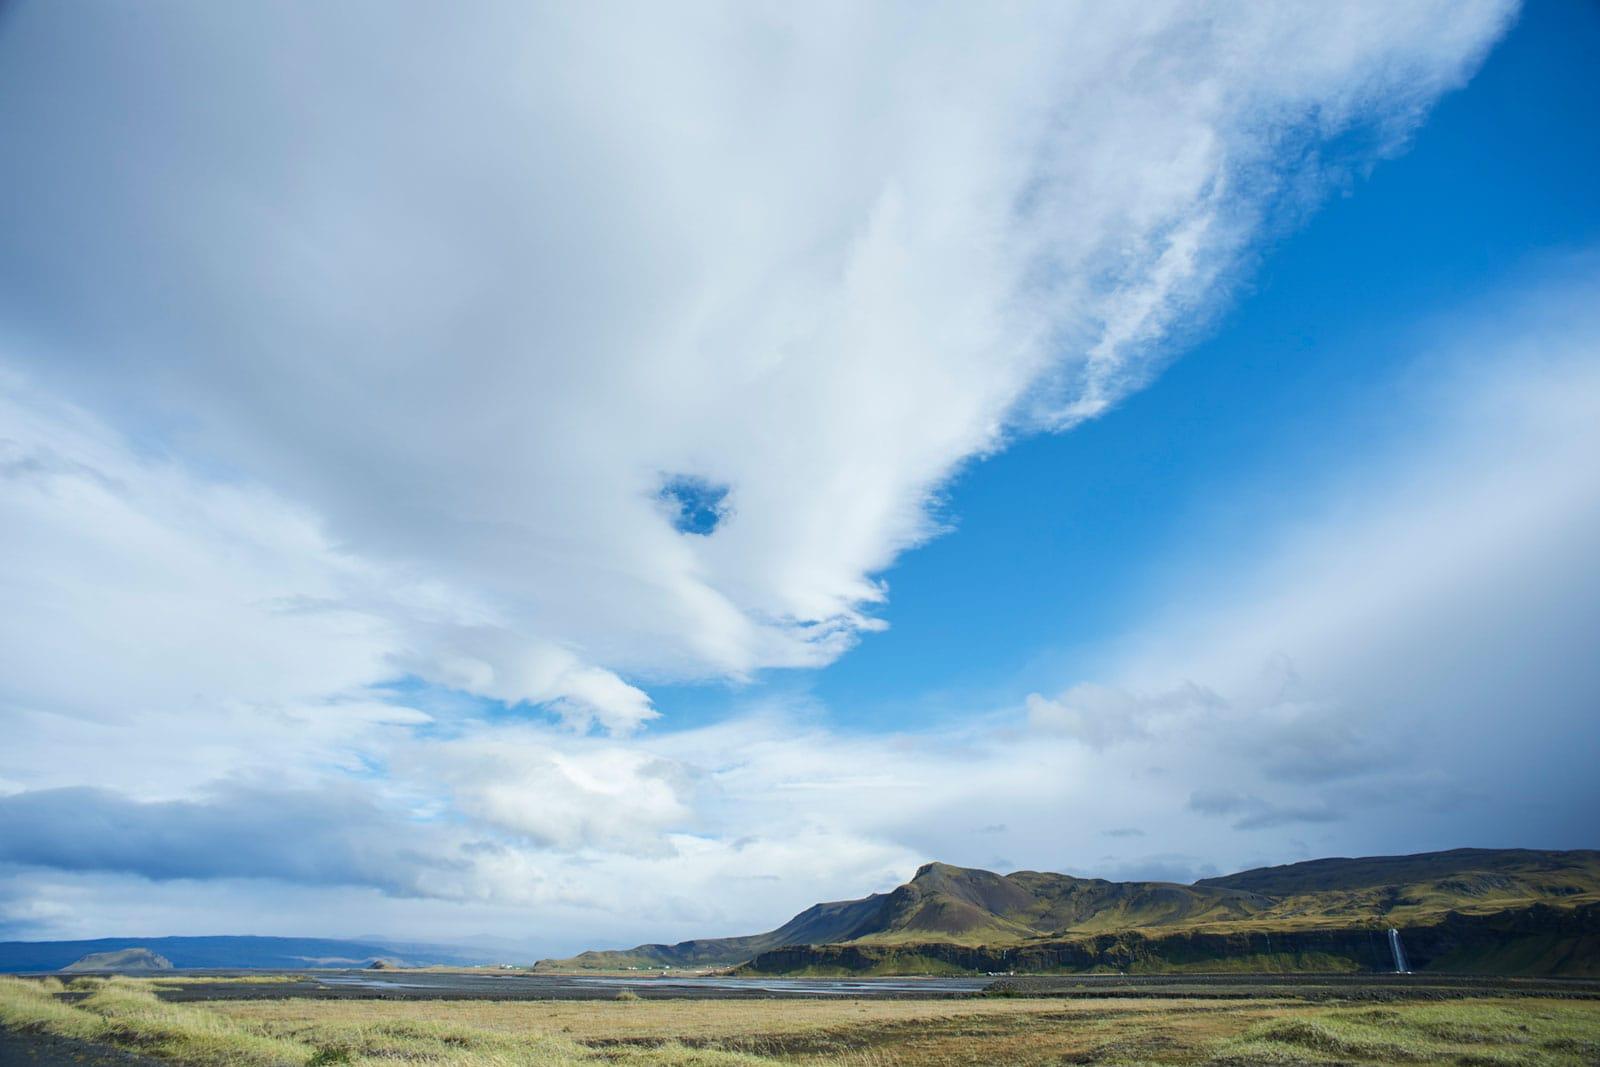 Wolkenhimmel über Berglandschaft mit Wasserfall